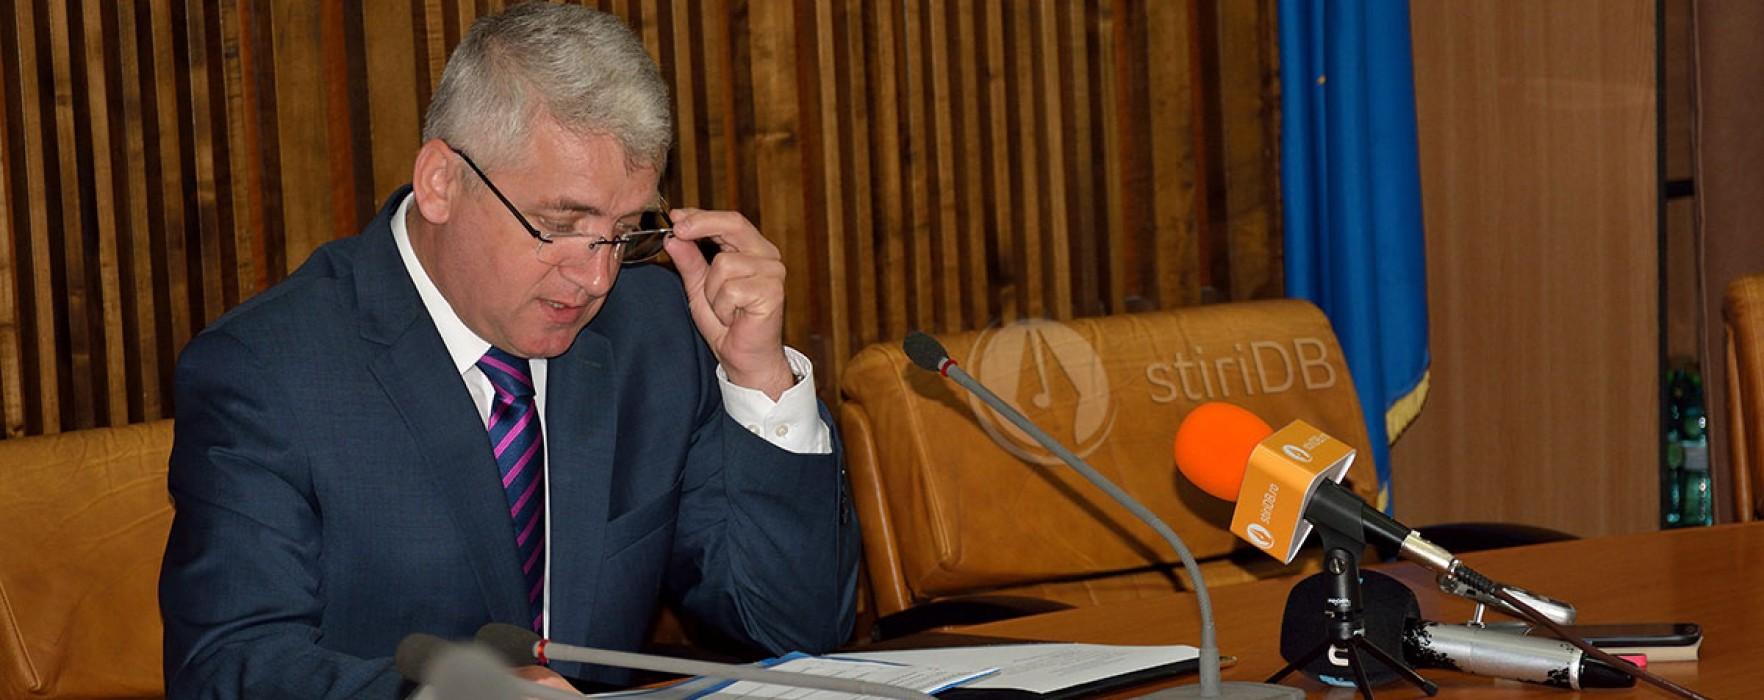 A. Ţuţuianu: Iulian Vladu nu ştie despre ce vorbeşte şi nu înţelege nimic din compania de apă